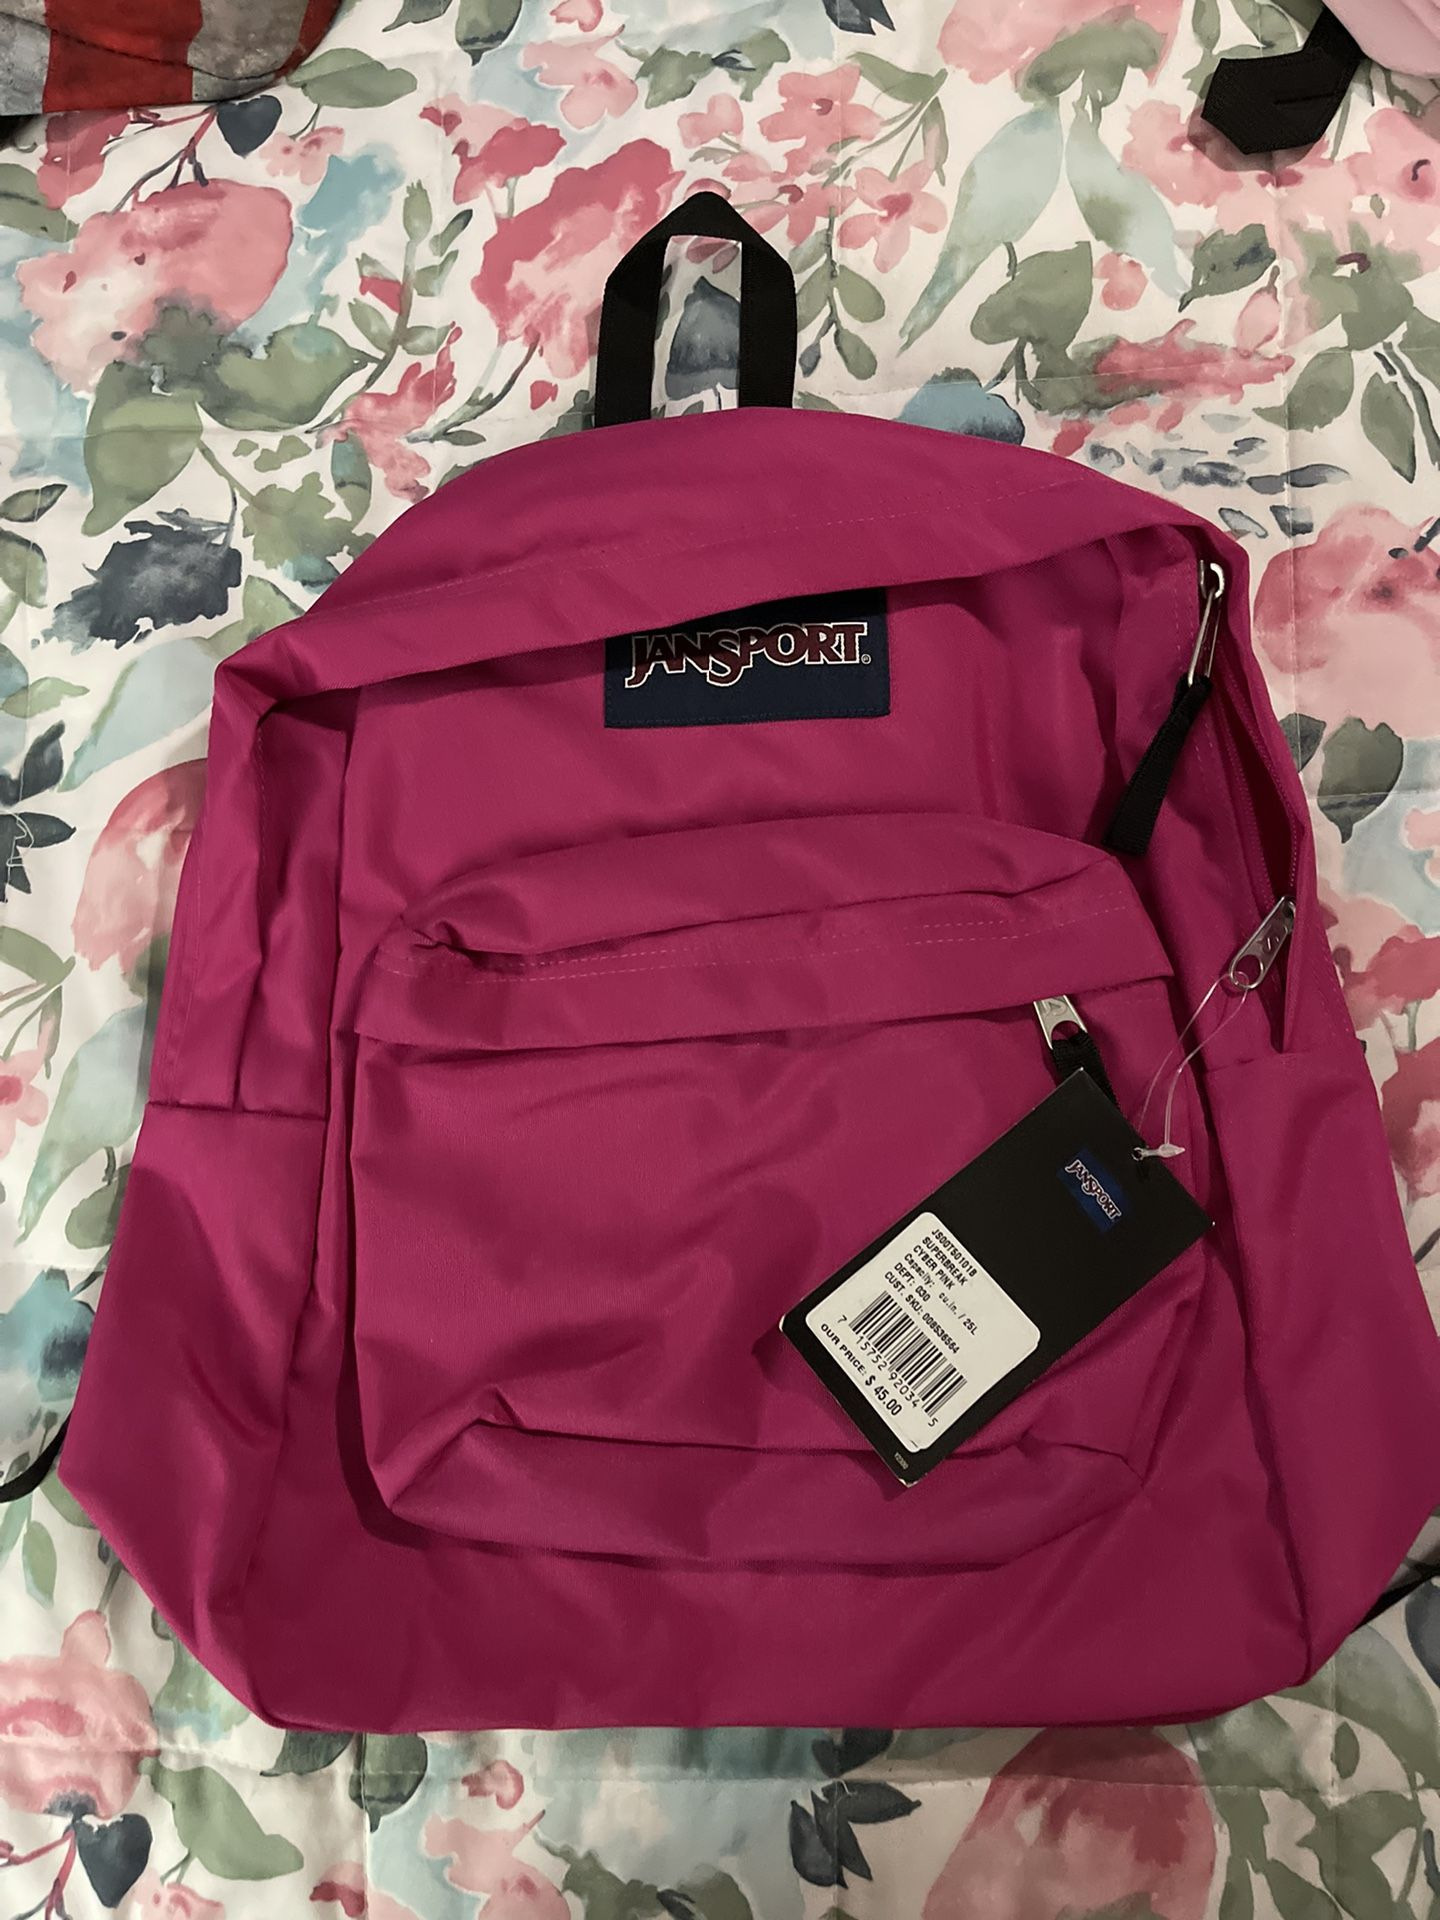 Jansport Backpacks (new $25 Each)